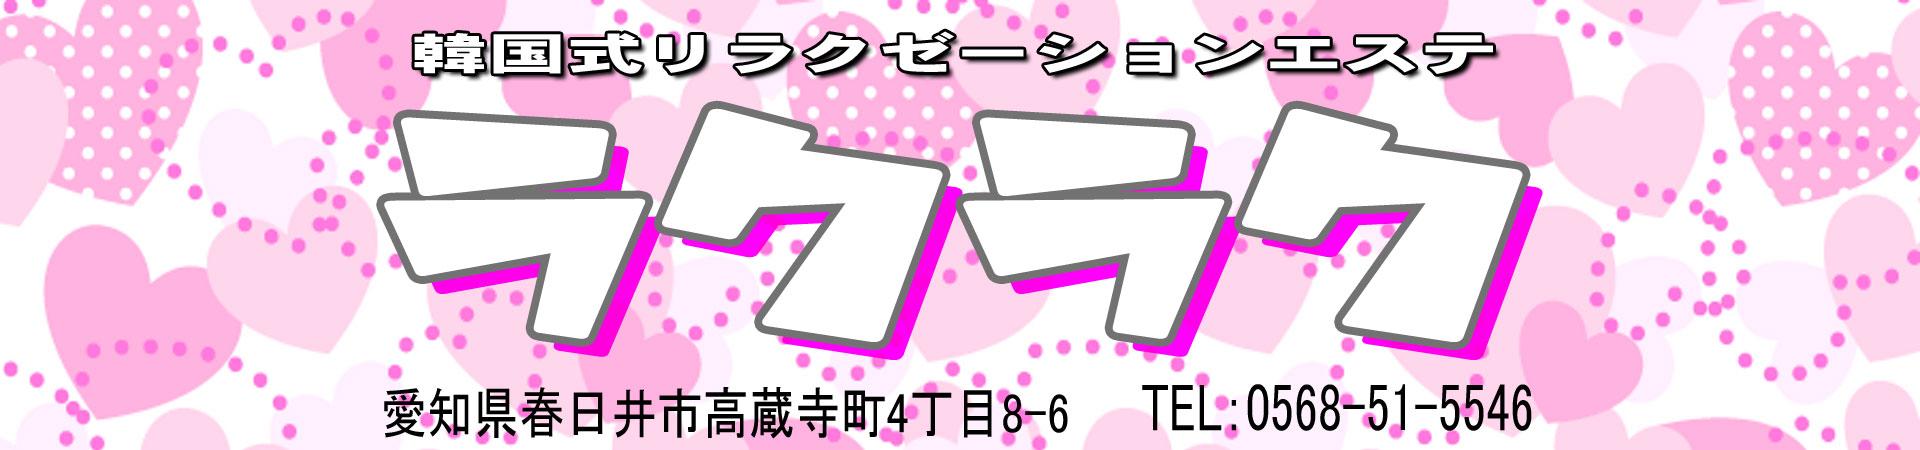 非公開: 【ラクラク】高蔵寺/愛知